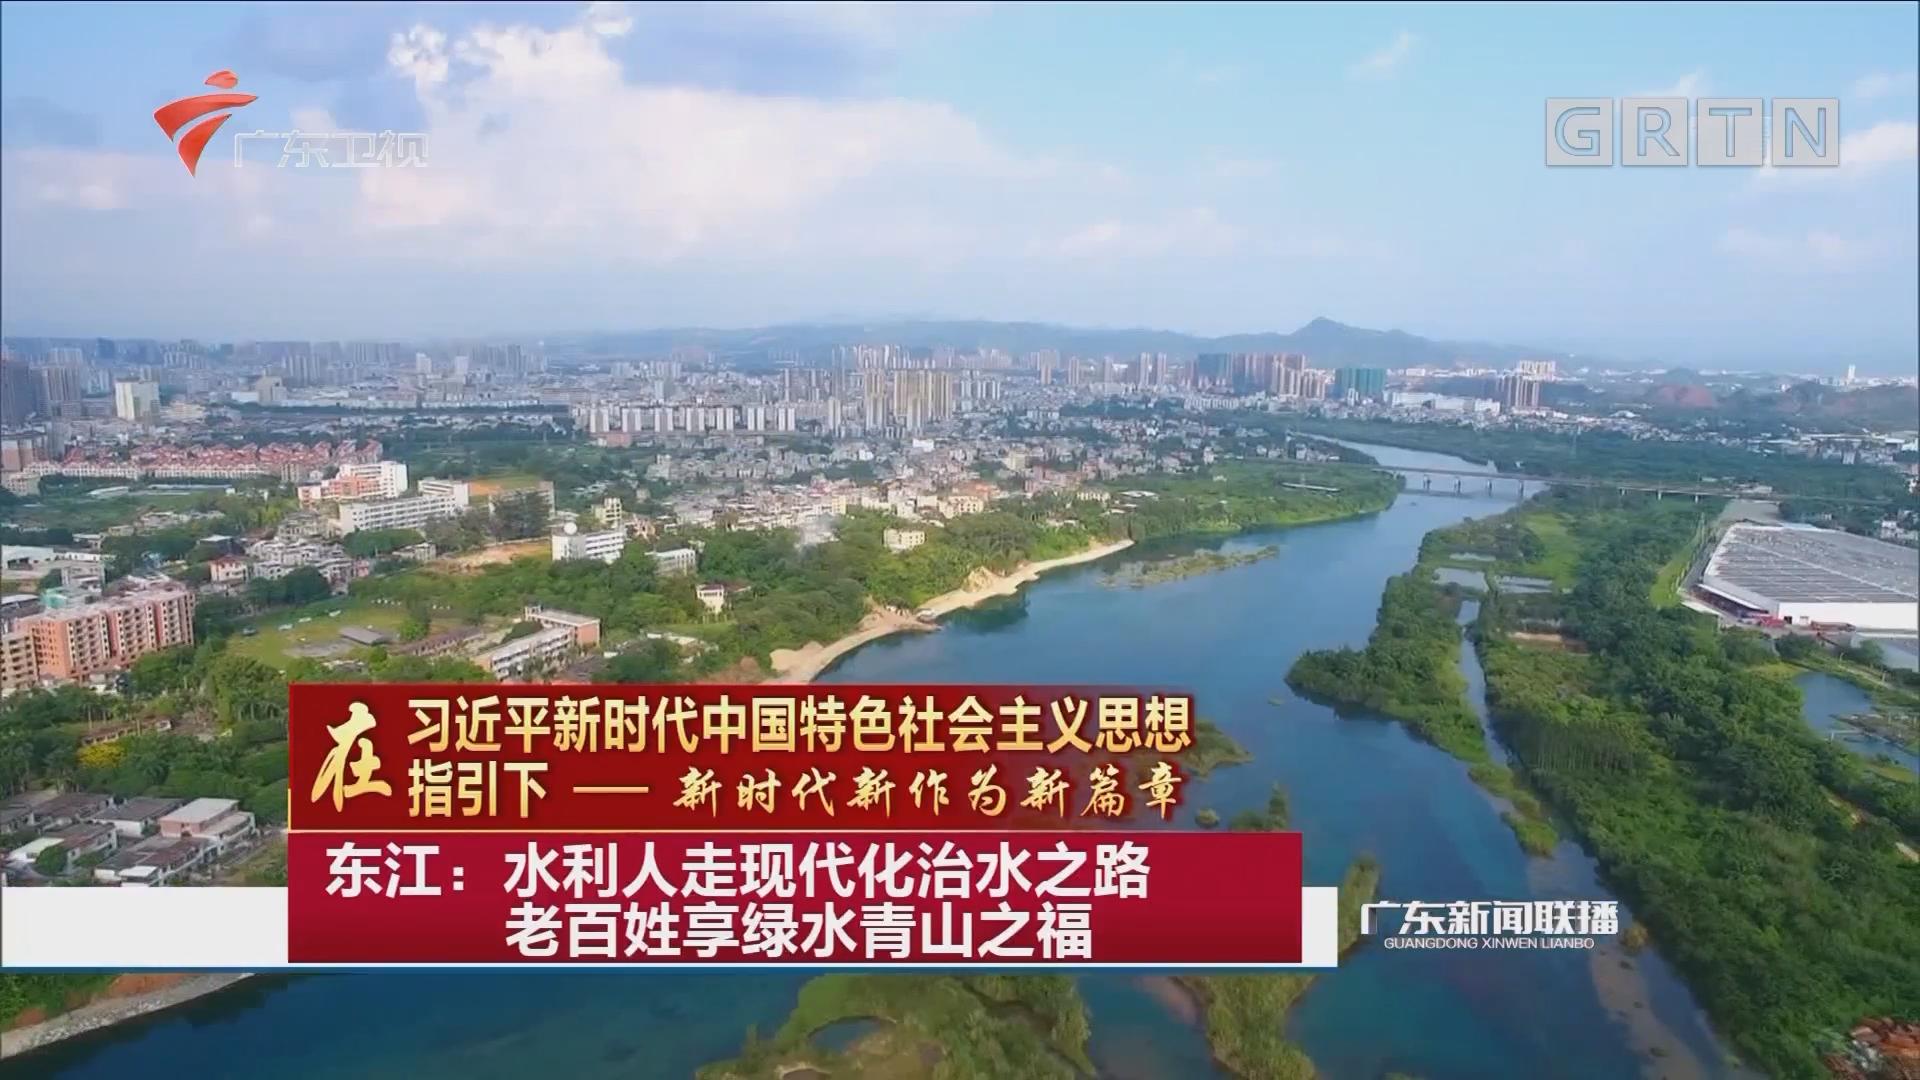 东江:水利人走现代化治水之路 老百姓享绿水青山之福